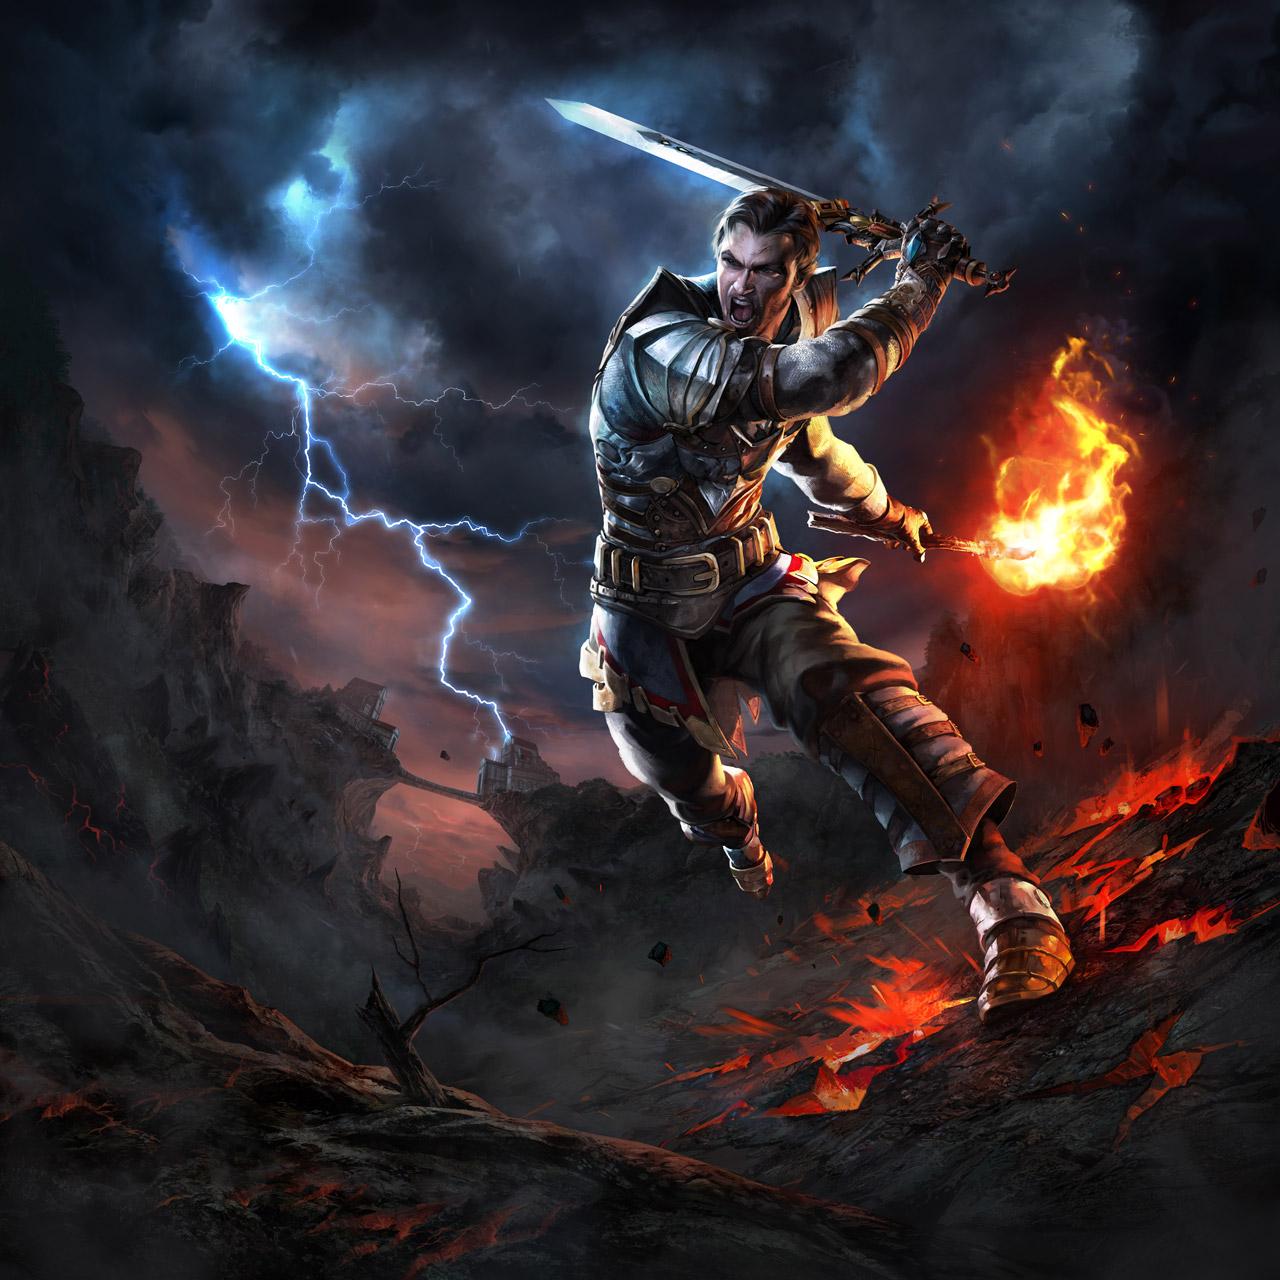 Odhaleno Risen 3: Titan Lords s prvními obrázky 93785